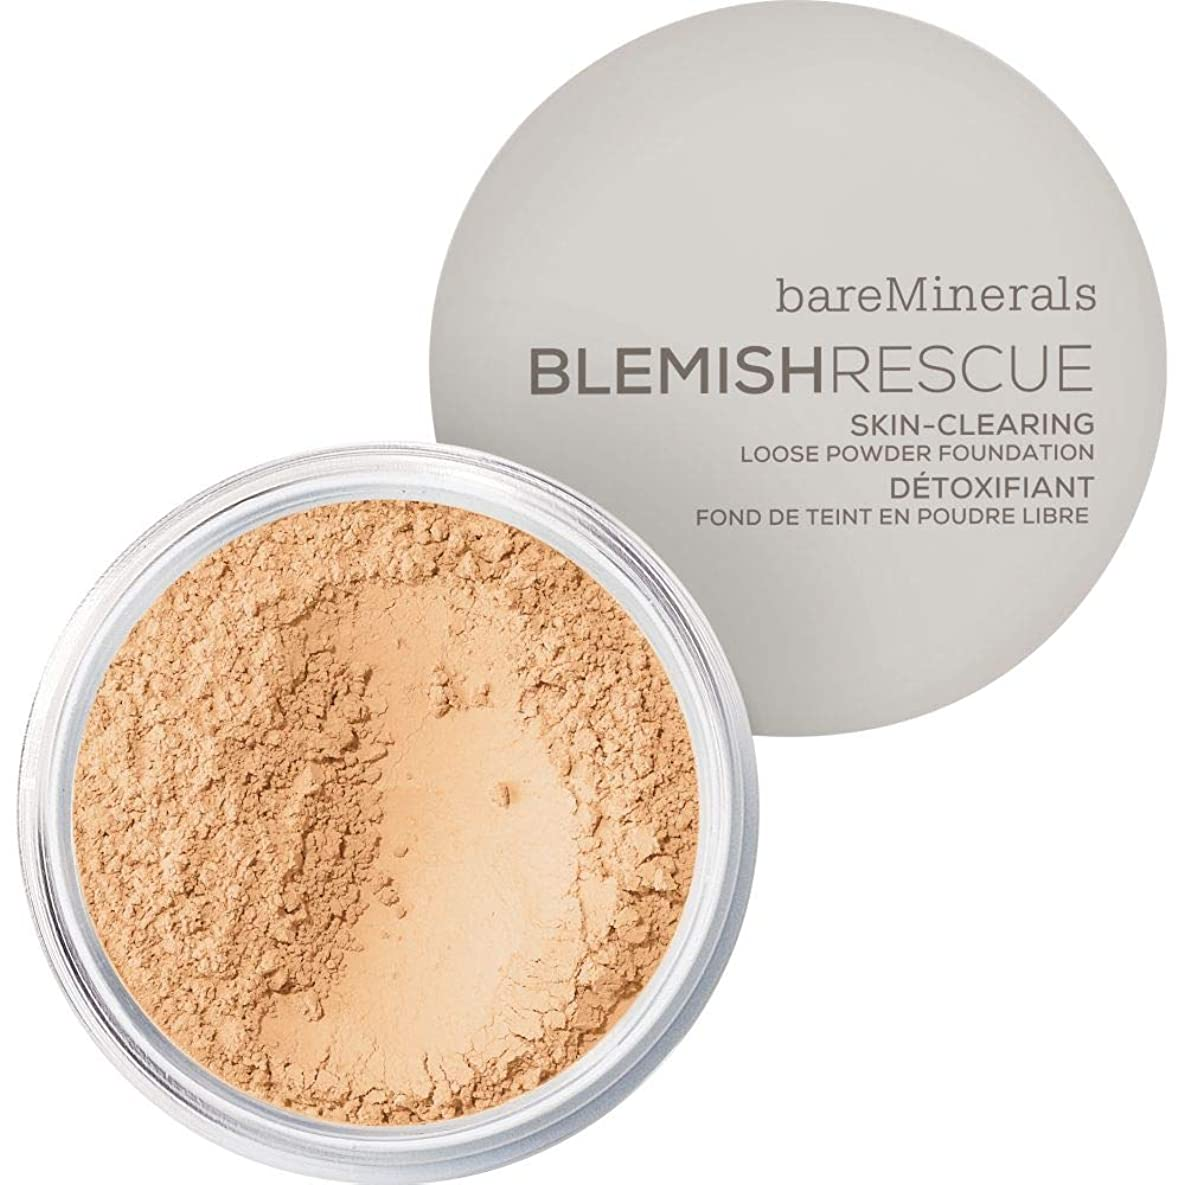 シビック東ティモール歌手[bareMinerals ] 光 - ベアミネラルは、レスキュースキンクリア2ワットを6G緩いパウダーファンデーションを傷 - bareMinerals Blemish Rescue Skin-Clearing Loose Powder Foundation 6g 2W - Light [並行輸入品]